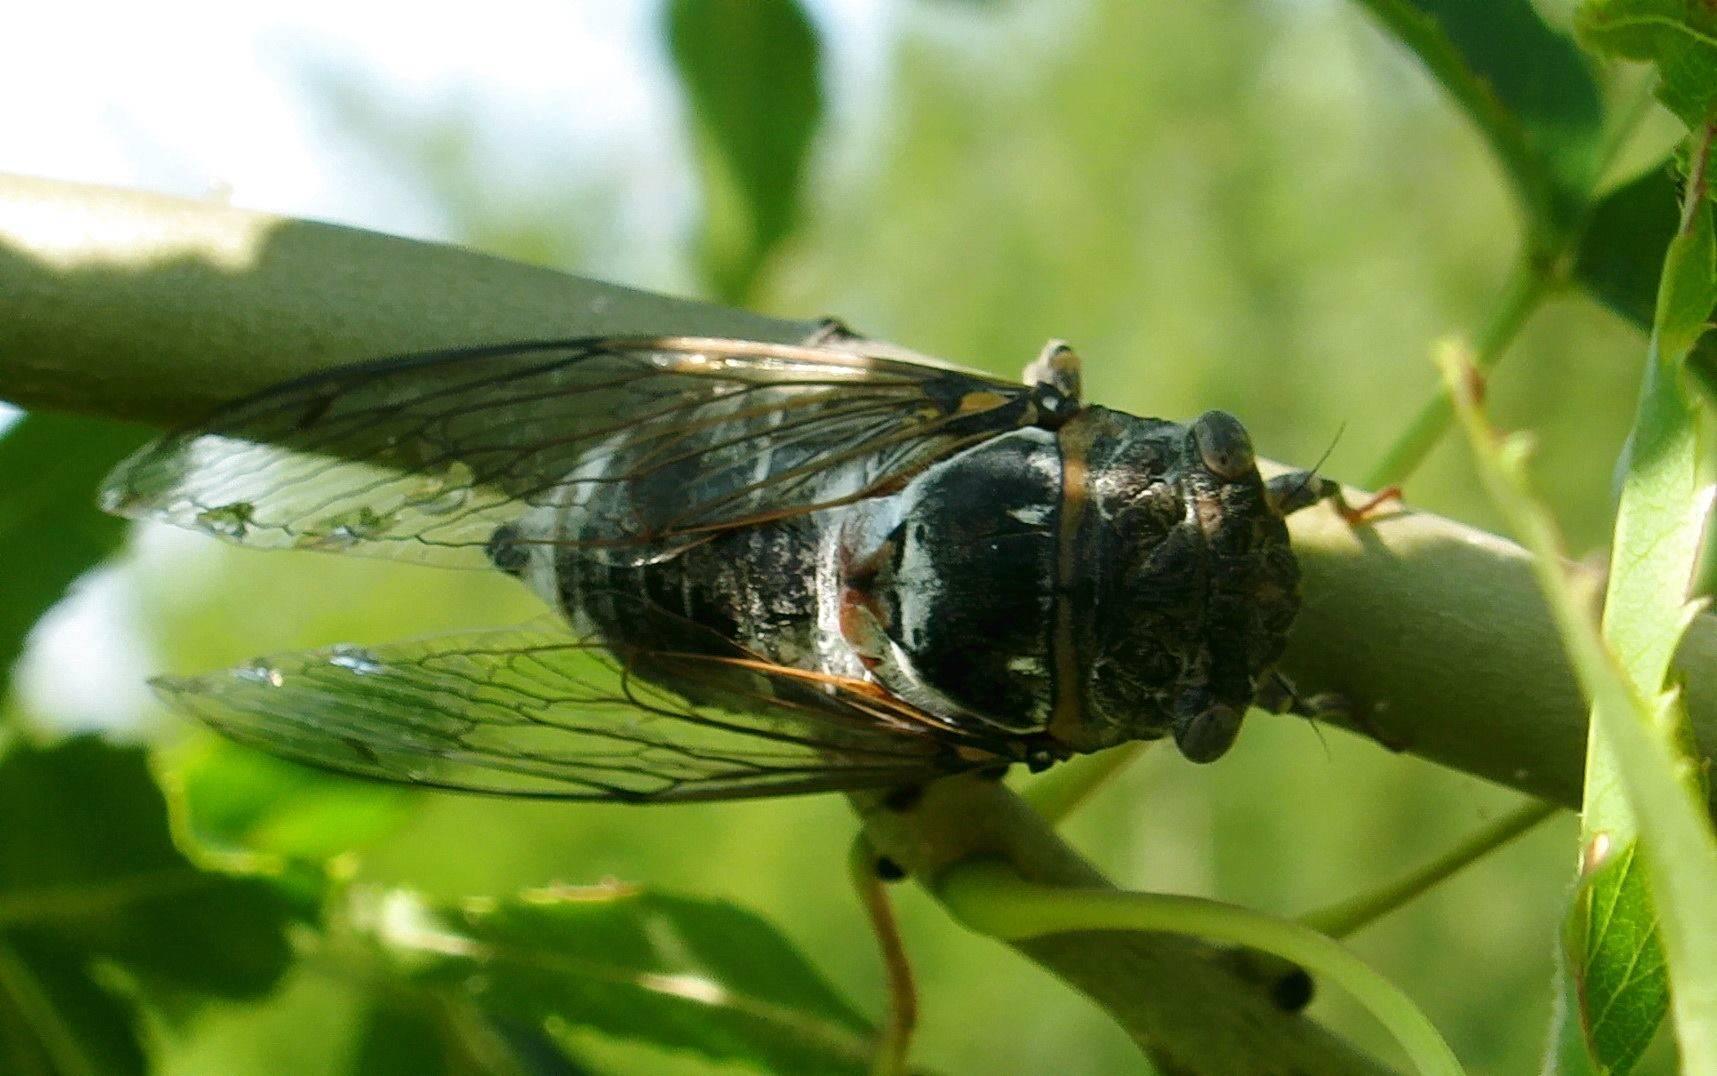 Описание разновидностей цикад: певчая цикада, цикадка белая и японская, где живут, внешний вид, фото и видео